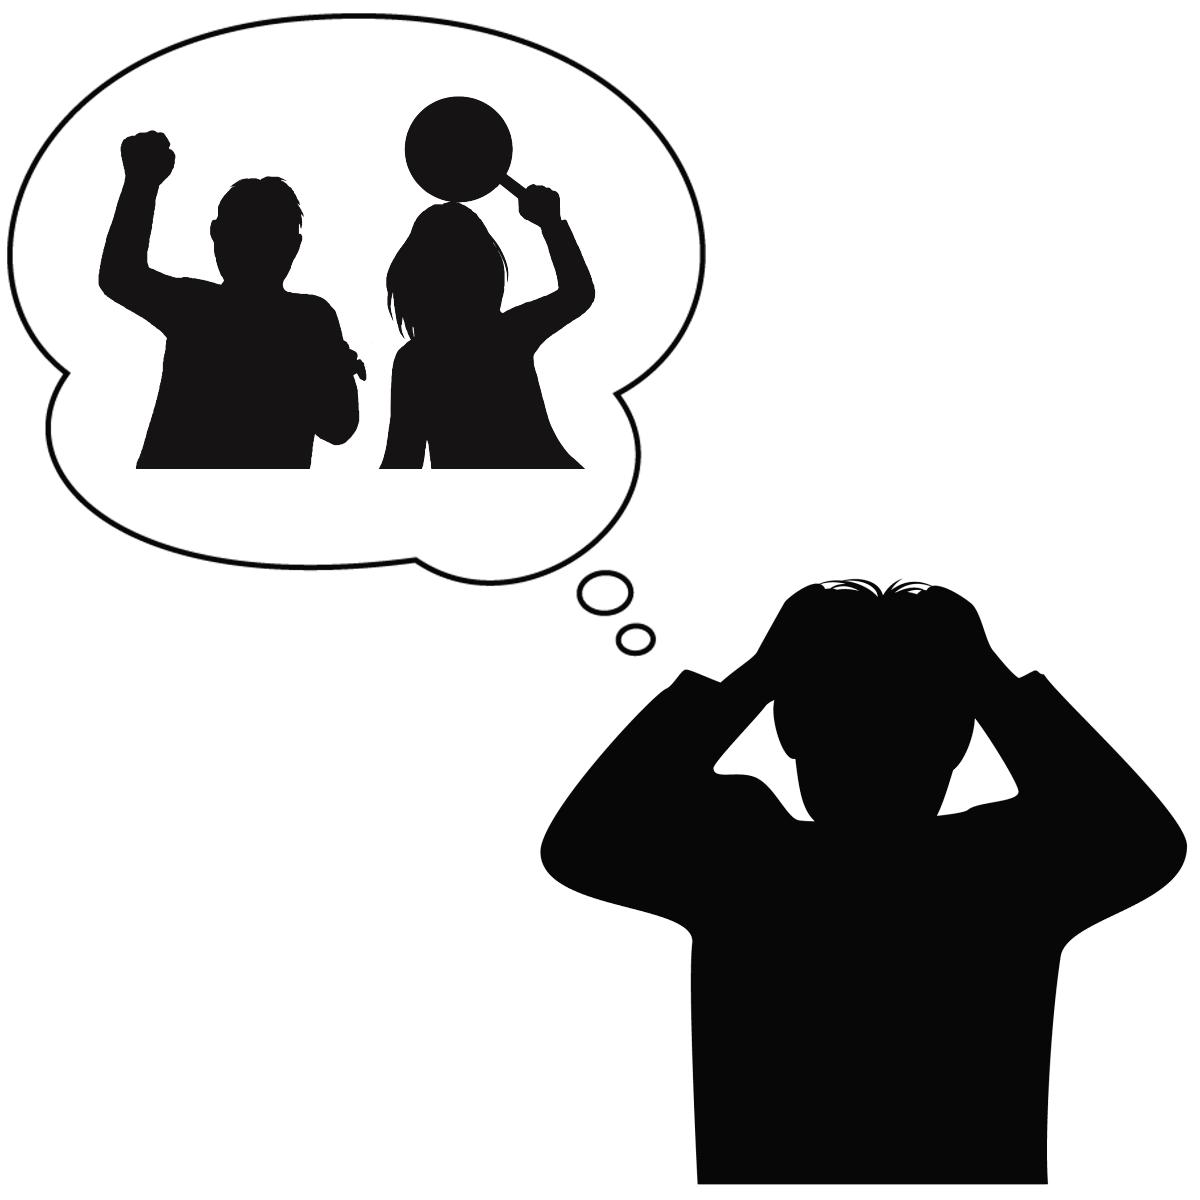 アダルトチルドレンとトラウマの関係を表しているイラスト